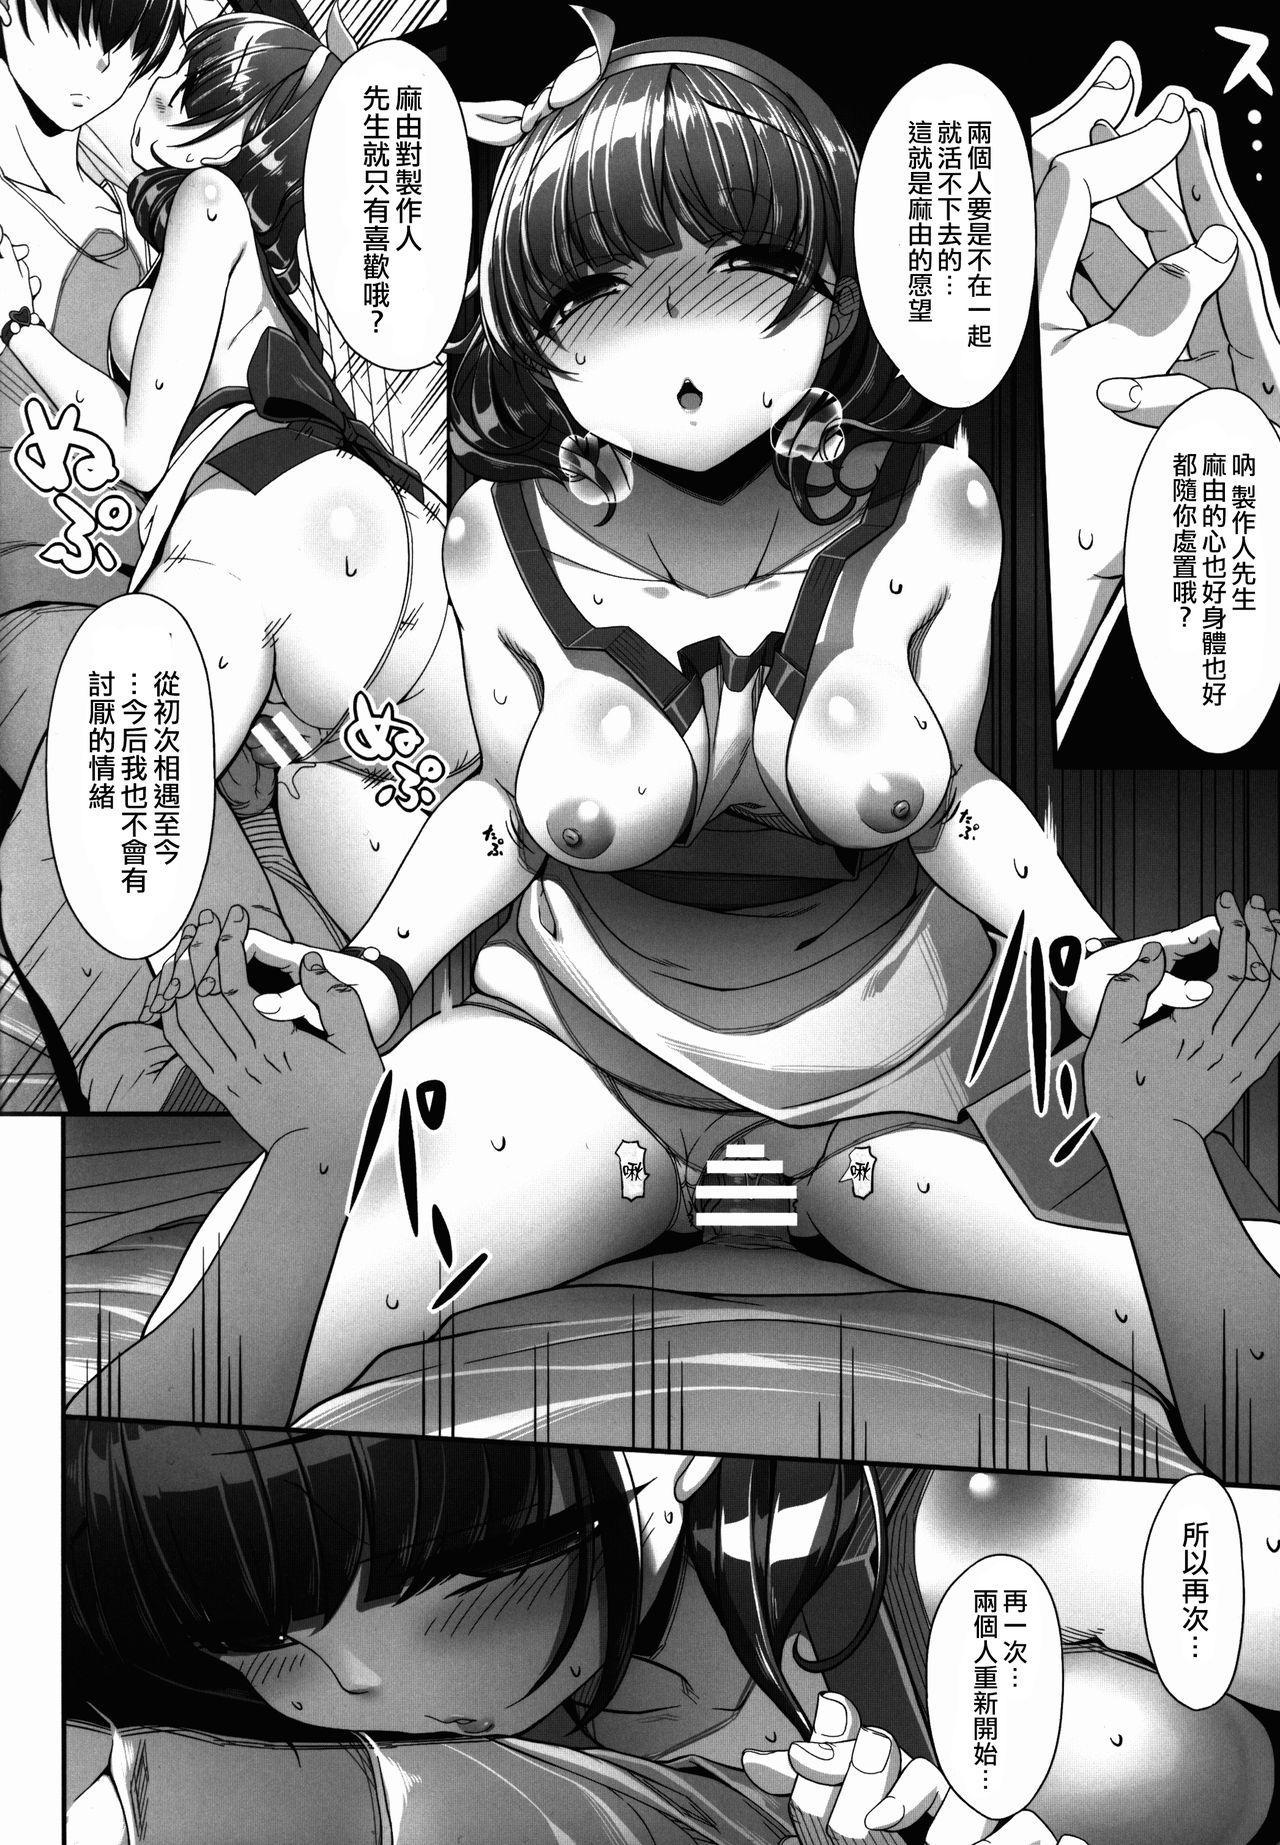 Mamayu Zukushi 17